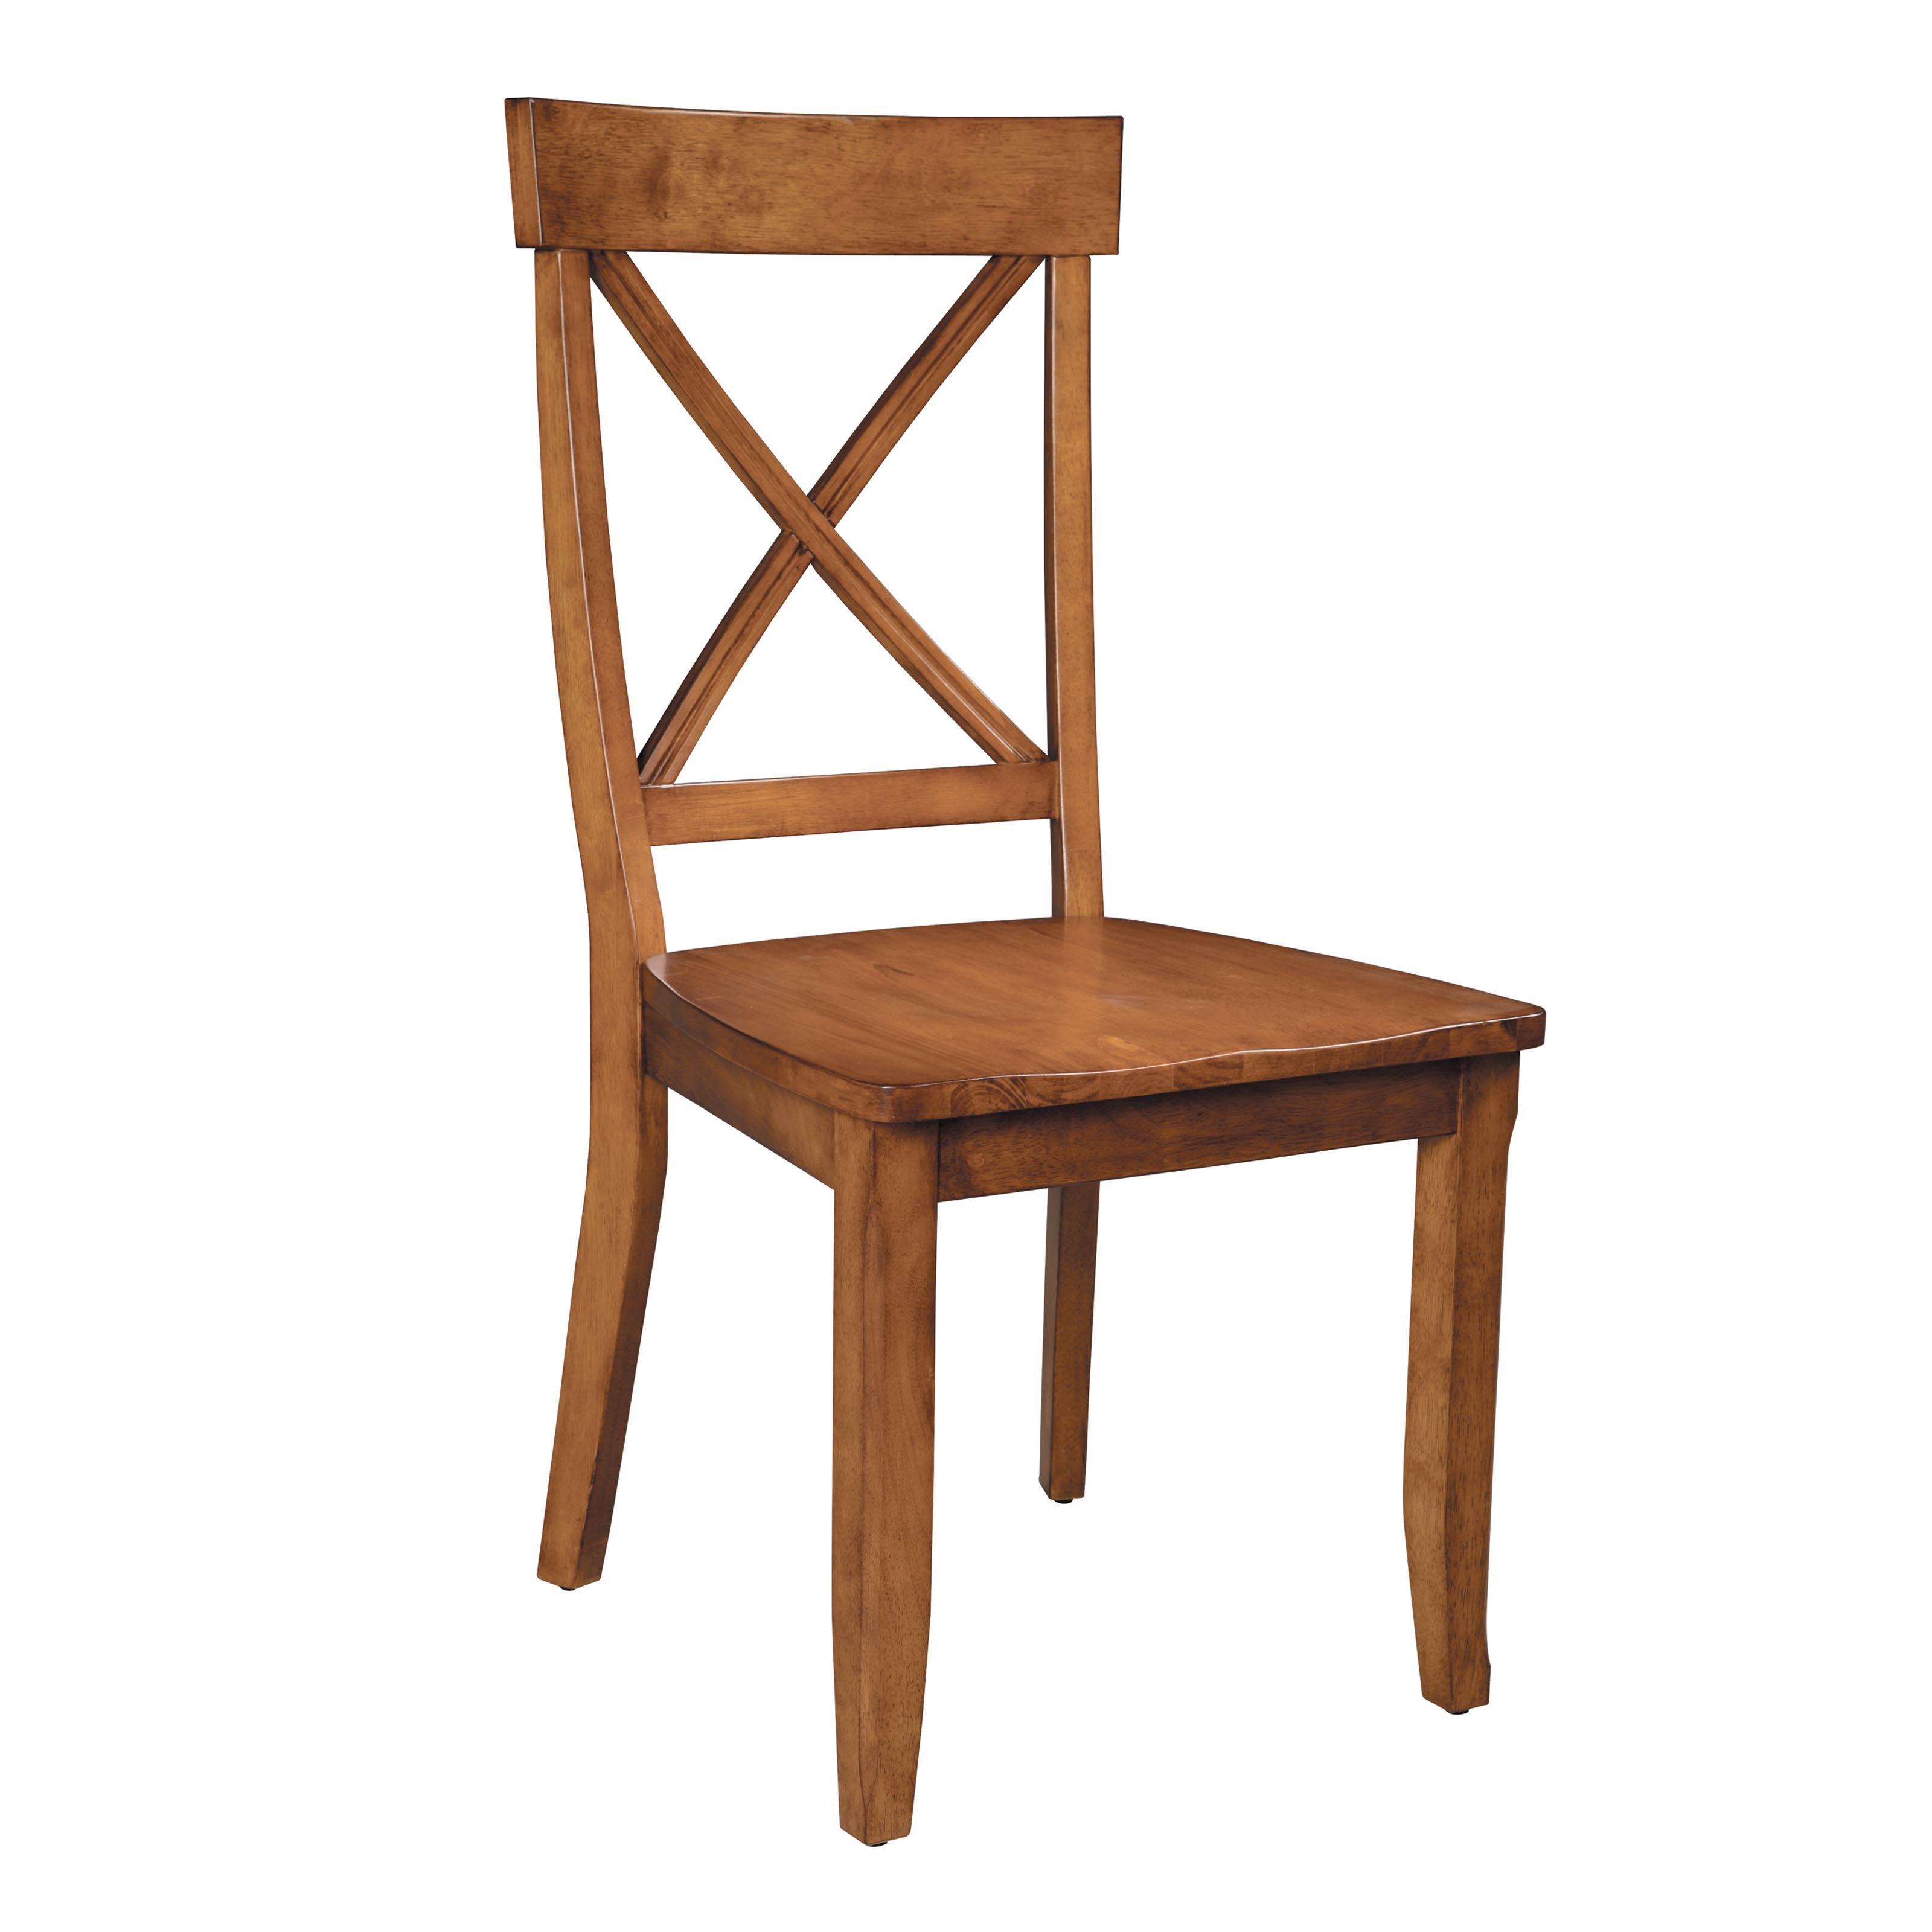 kitchen chairs wooden photo - 3